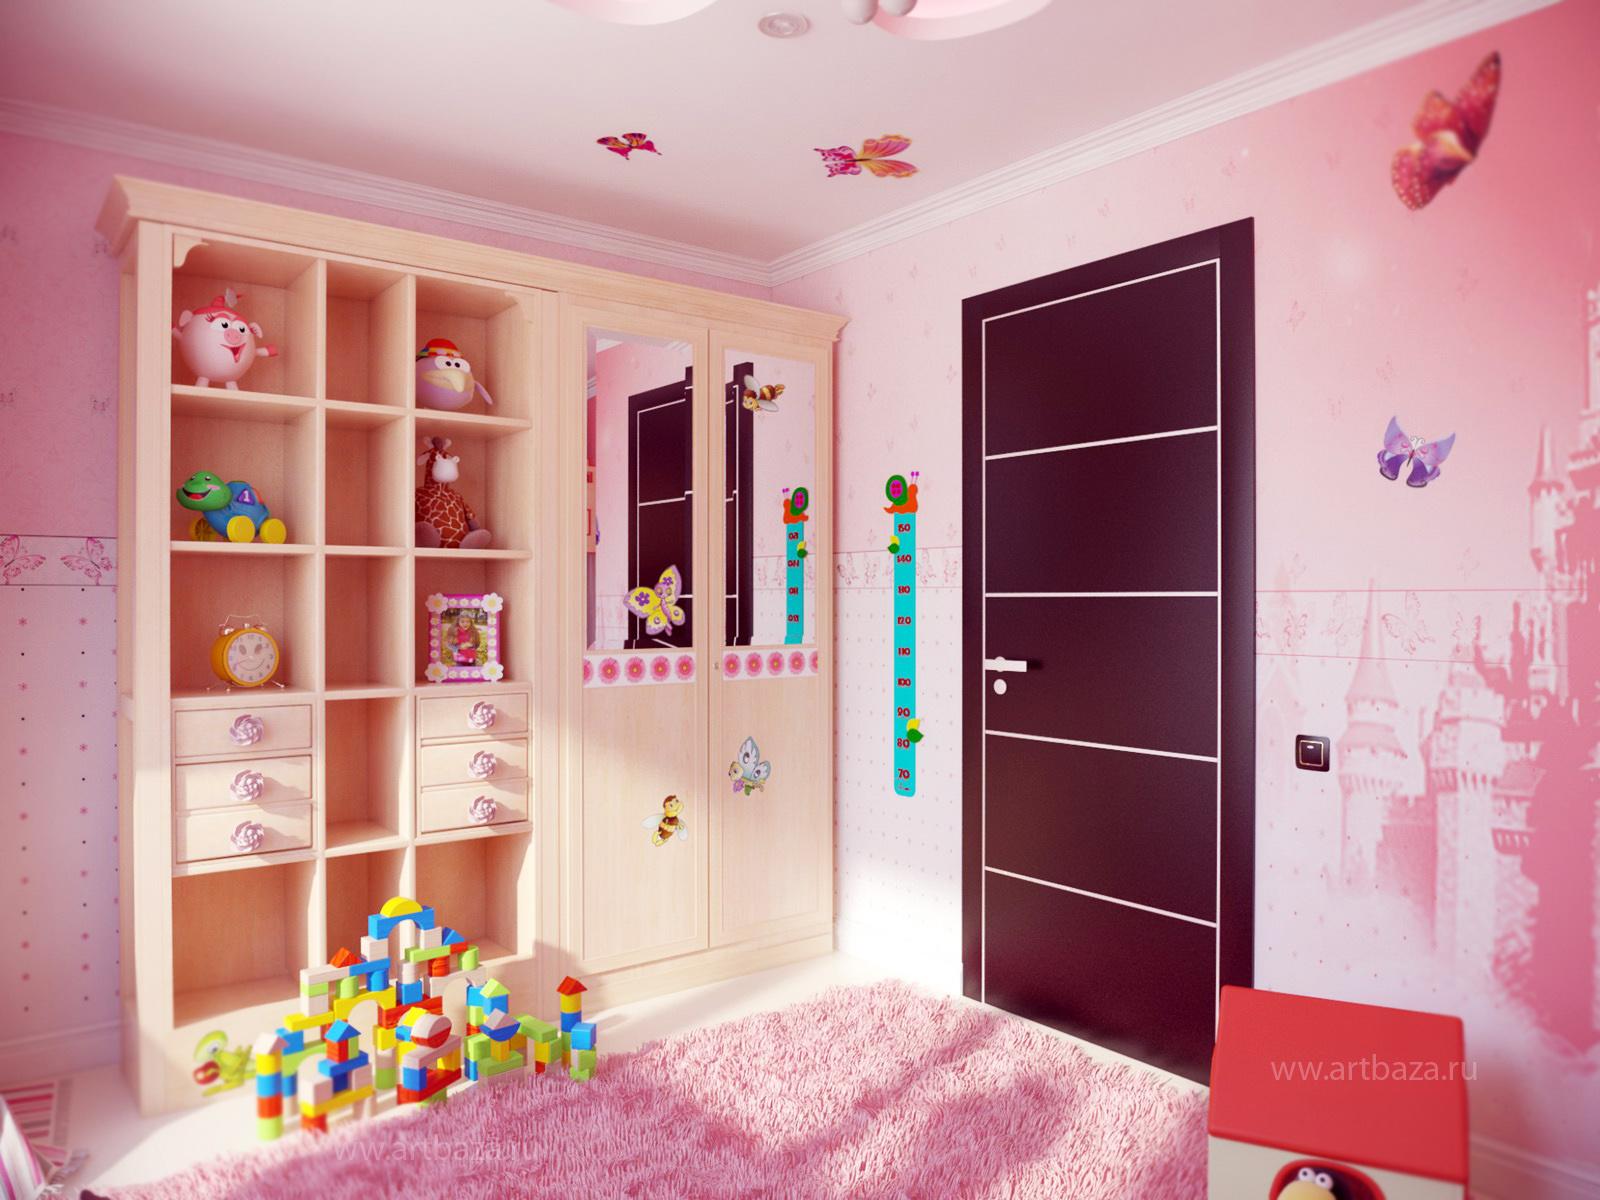 Детская комната | Услуги | Строй КМВ